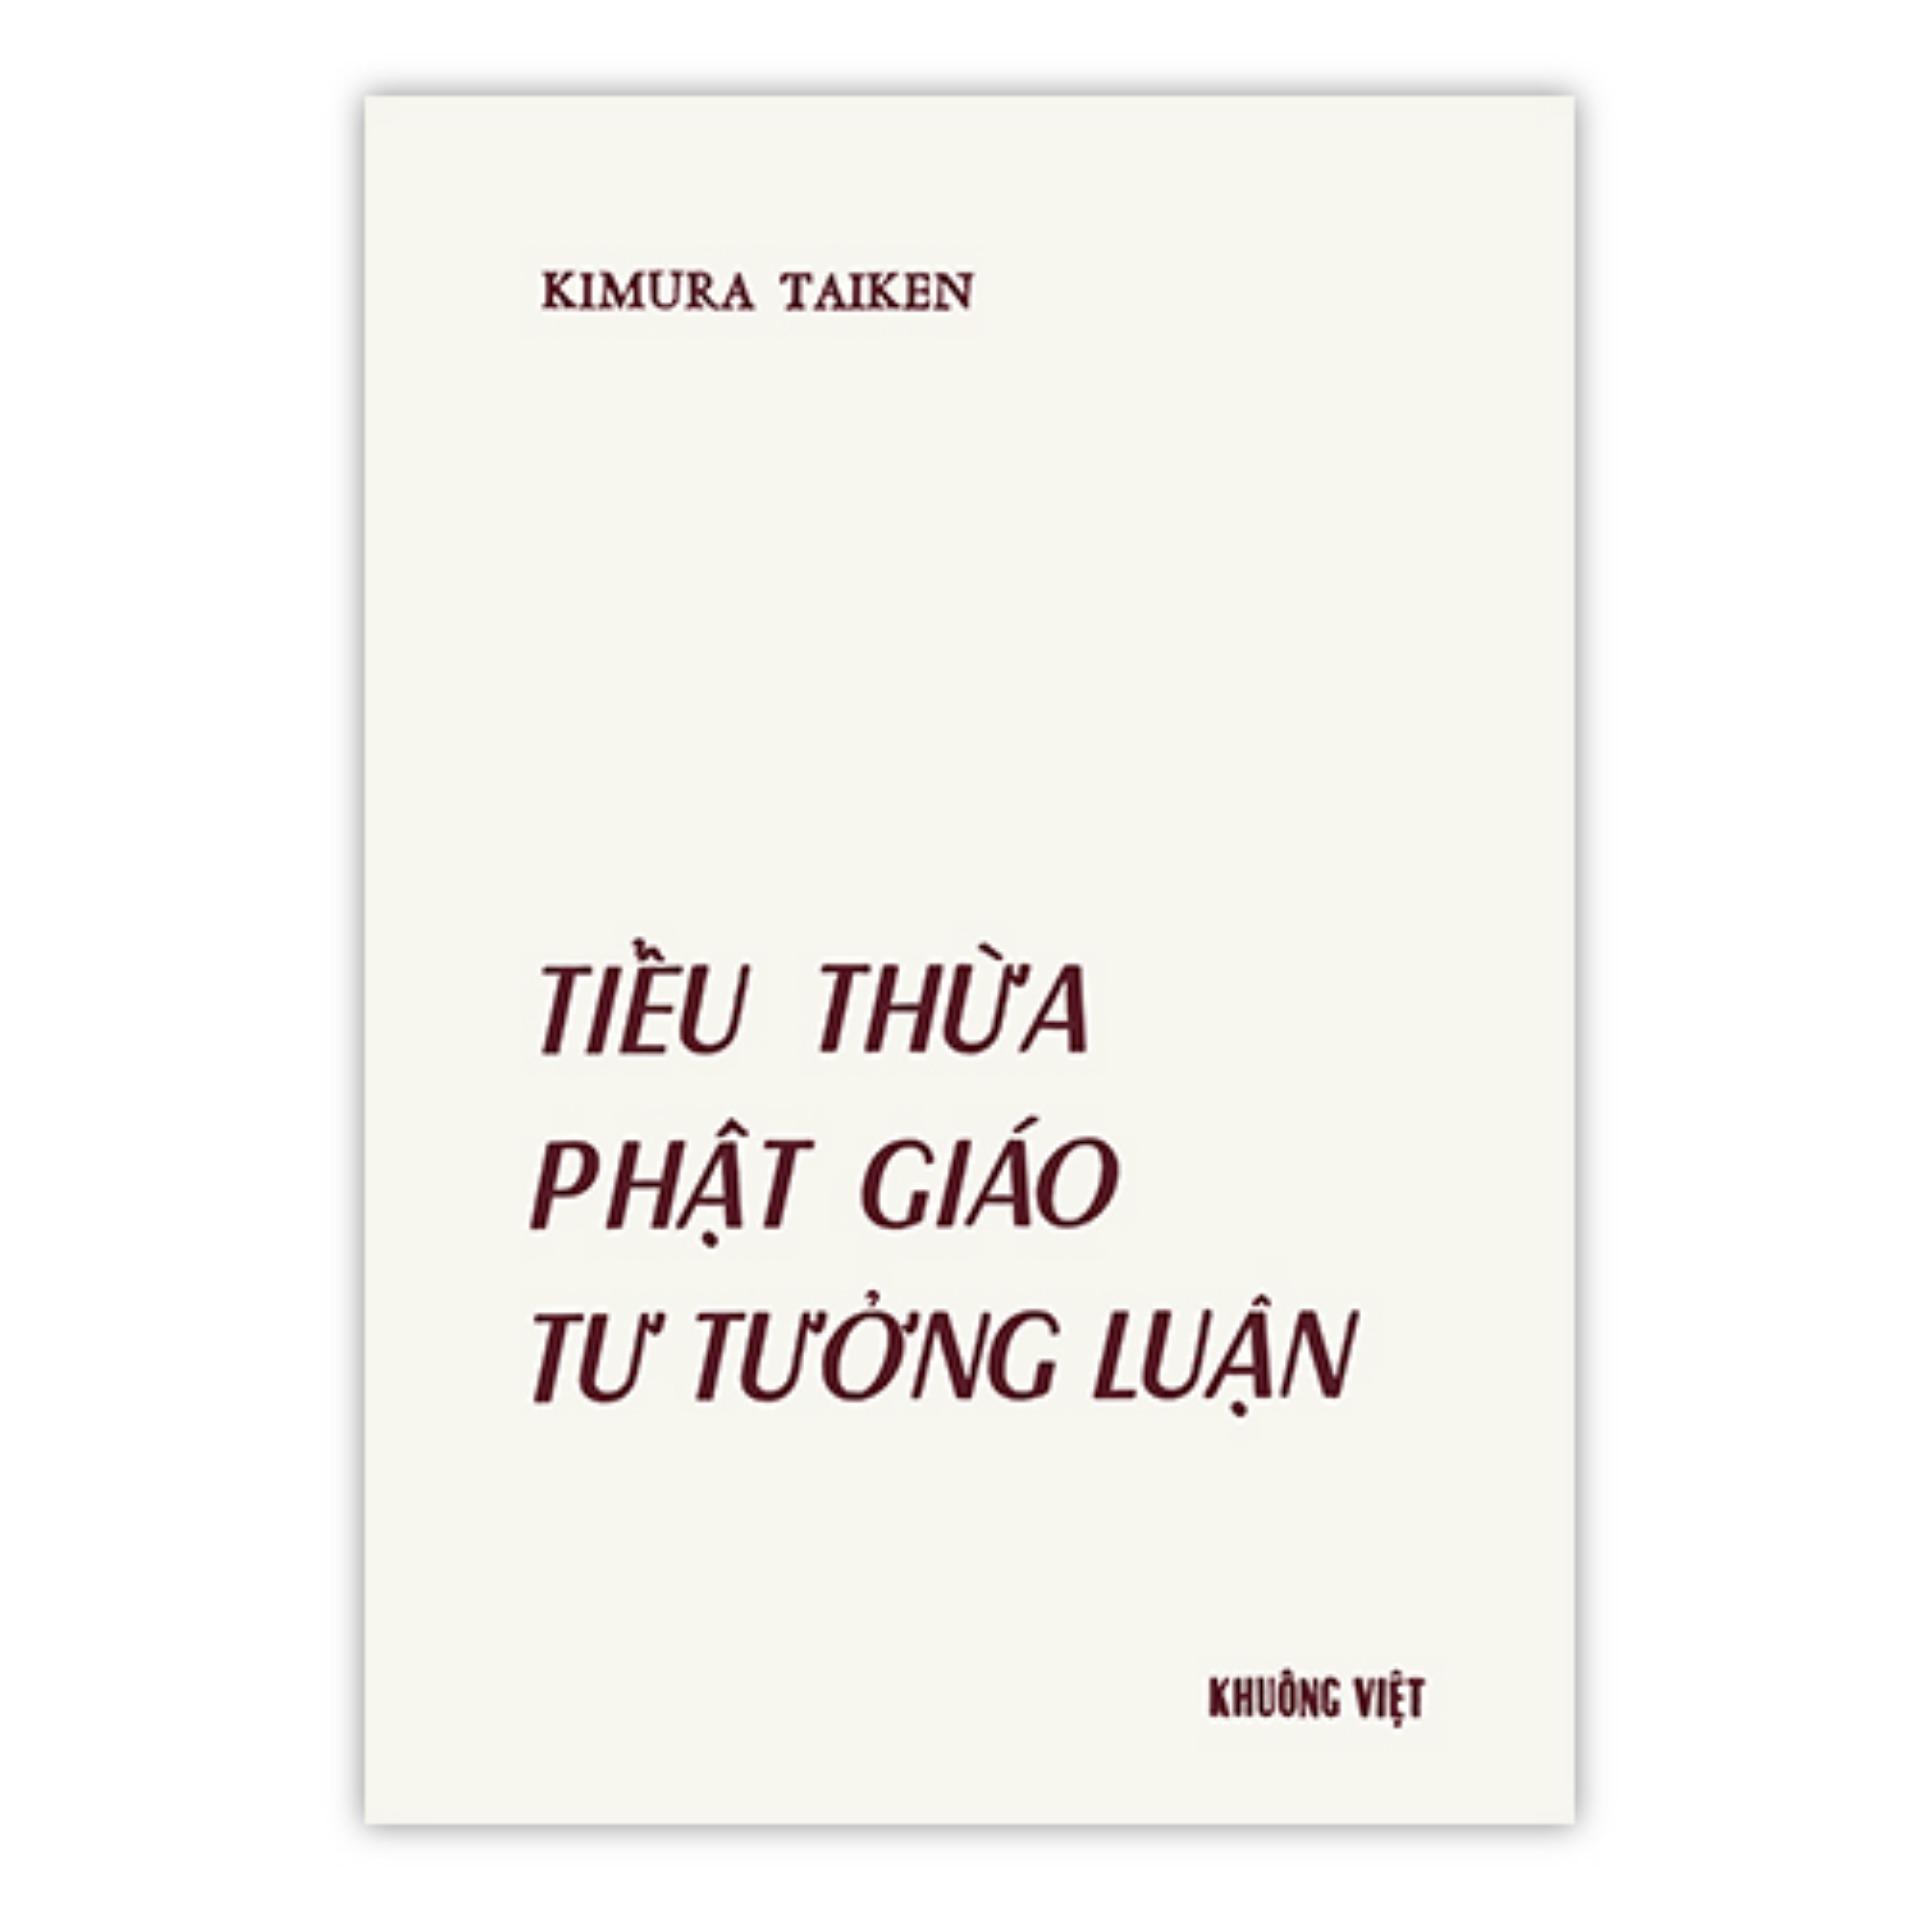 Mua Tiểu thừa Phật giáo Tư tưởng luận - Tập 2